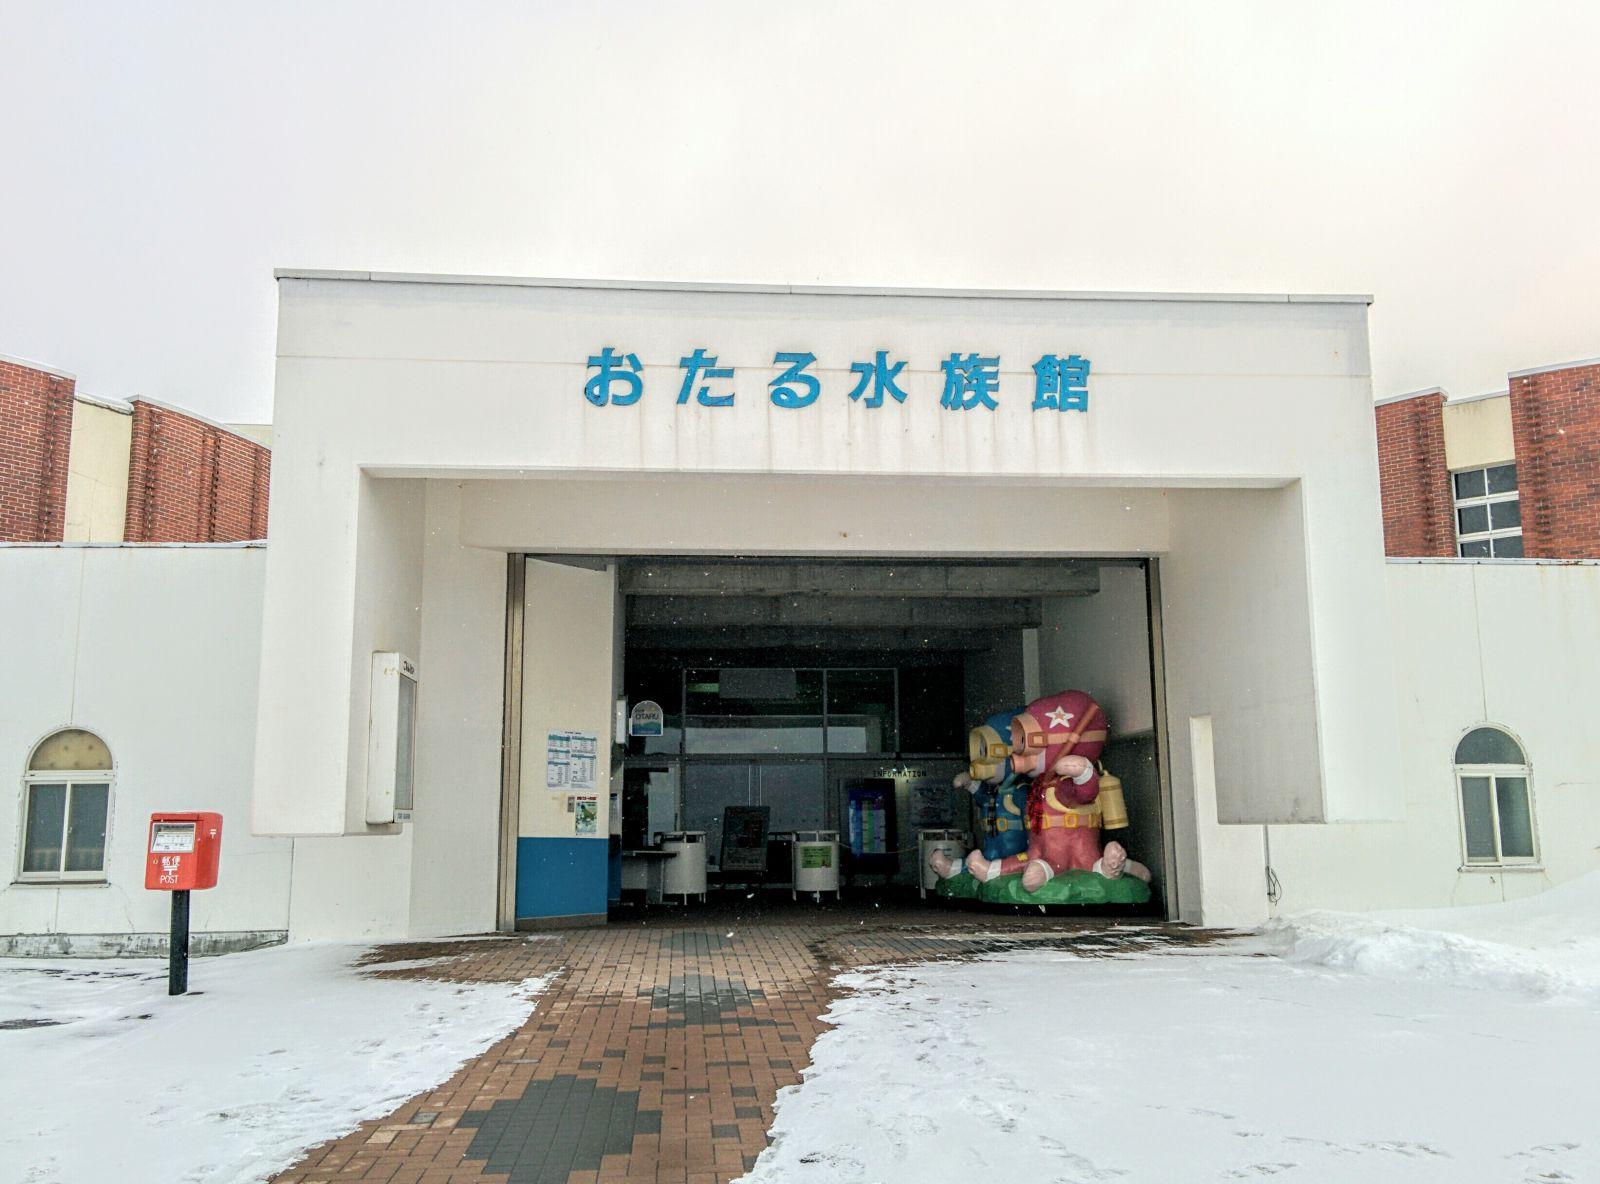 【小樽】冬の小樽水族館観光案内です。